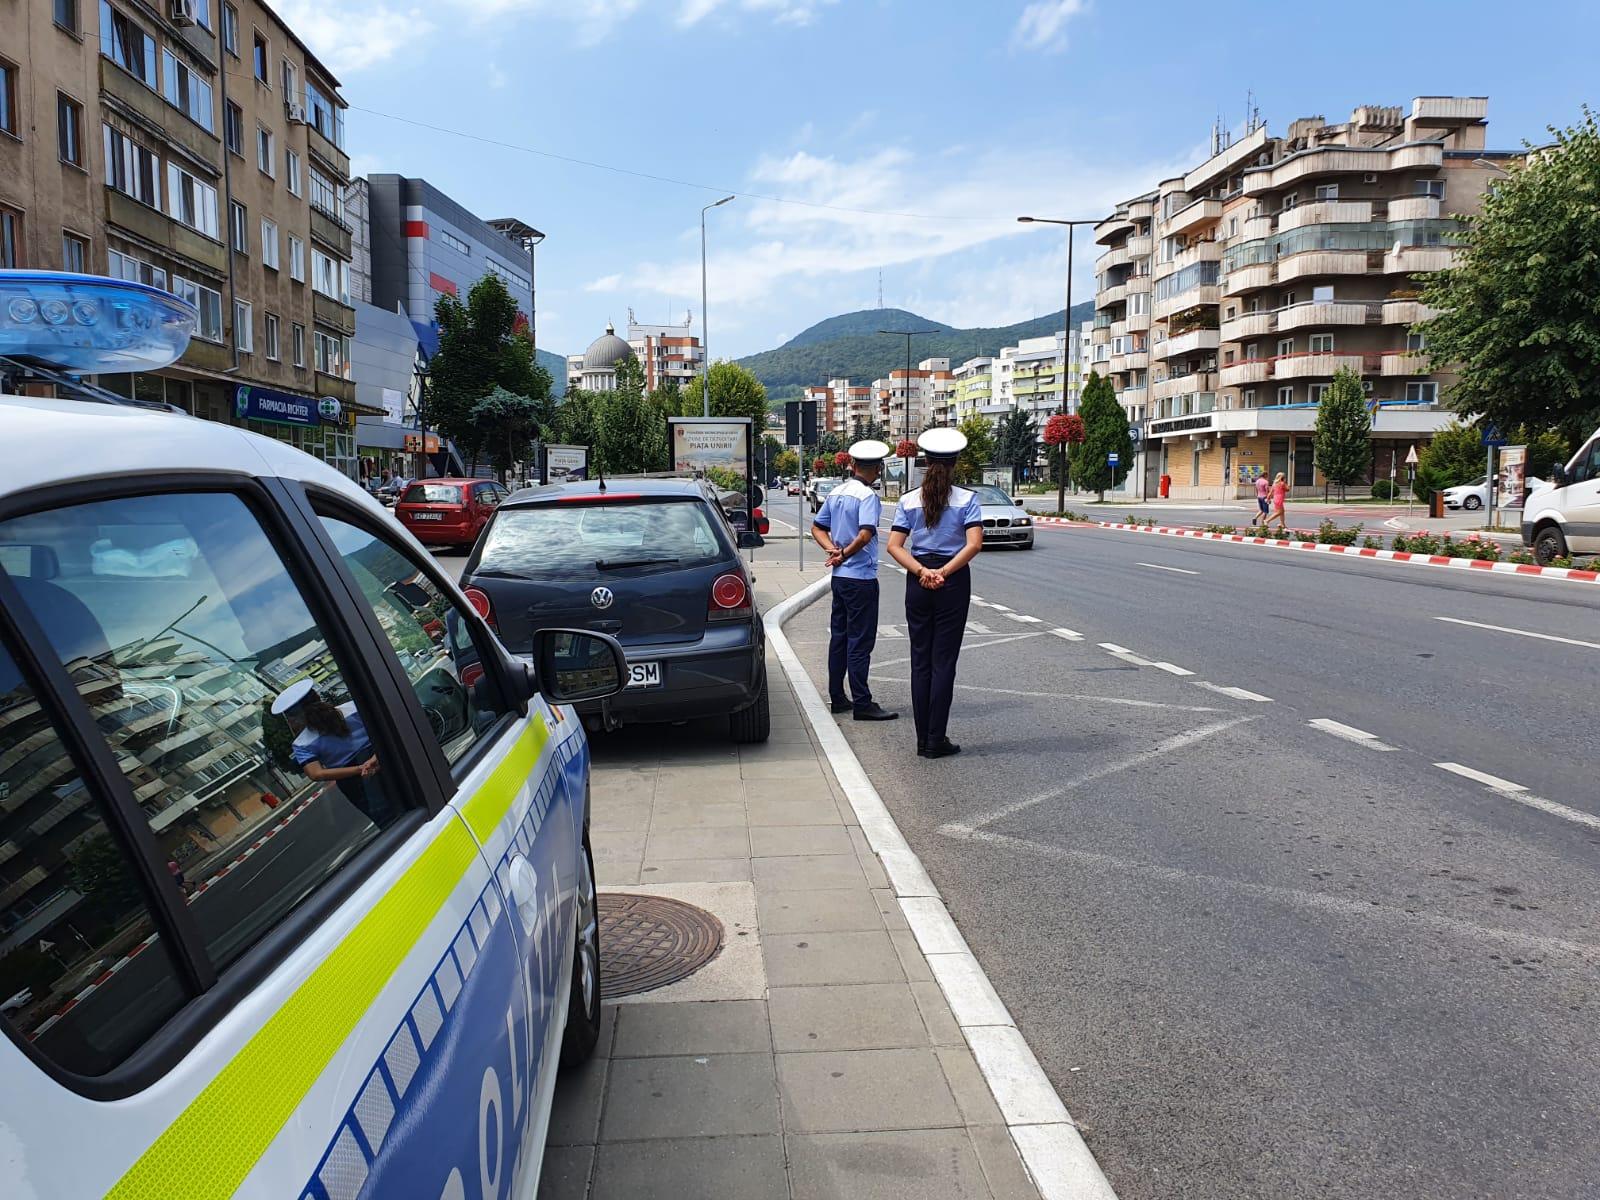 100 de polițiști în stradă weekend-ul acesta, în cadrul unei acțiuni de prevenire a accidentelor rutiere